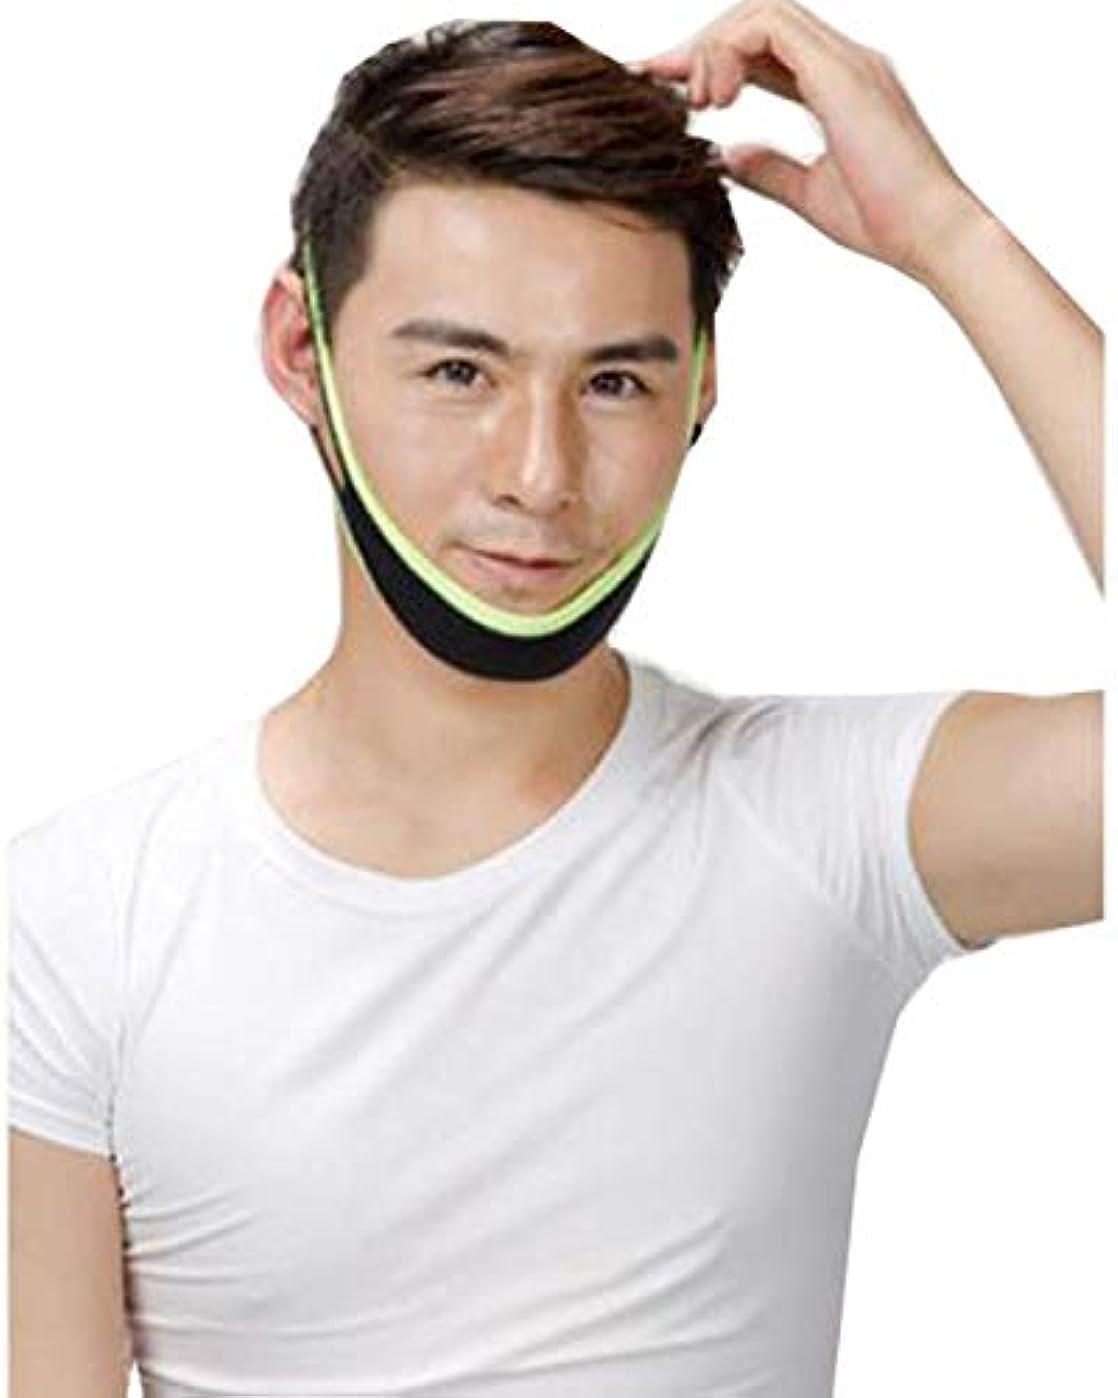 技術者座標緑ZMiw 小顔ベルト 矯正 メンズ用 アイマスク 顔痩せ サウナマスク 寝ながらゲルマニウム 小顔バンド サイズ調整可能 通気性 簡単脱着 リフトアップ 二重あご 補正ベルト フェイスベルト